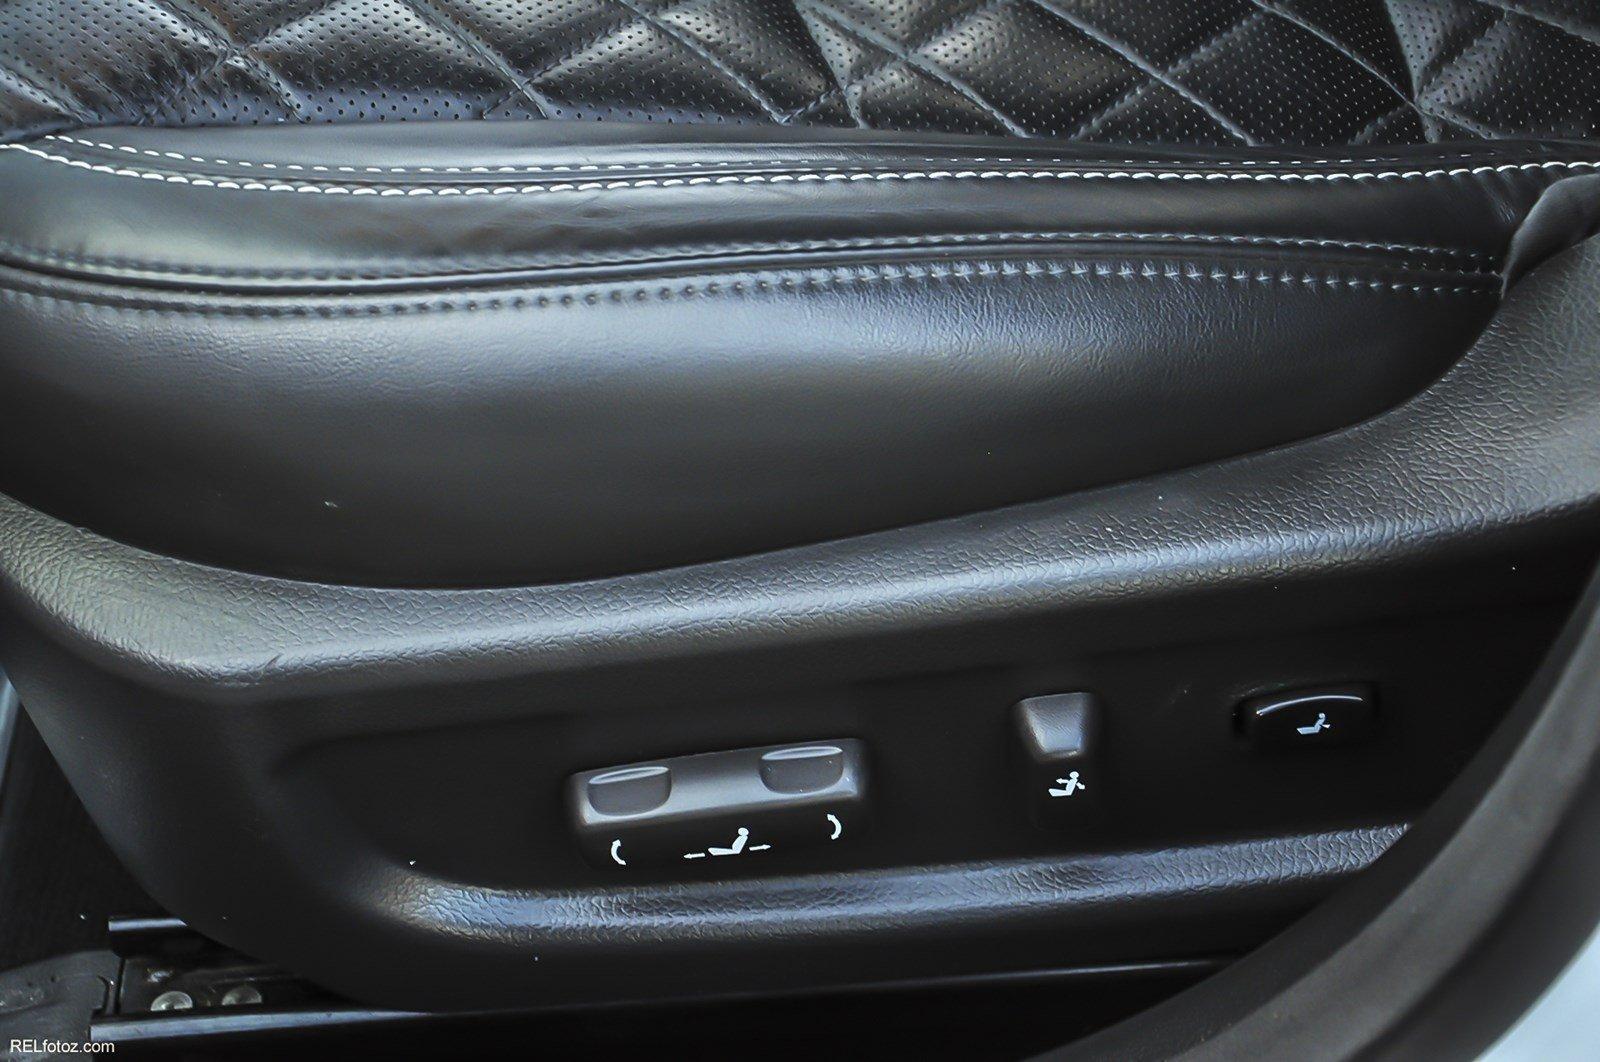 Gravity Autos Atlanta >> 2014 Kia Optima Optima SX Turbo Stock # 279789 for sale